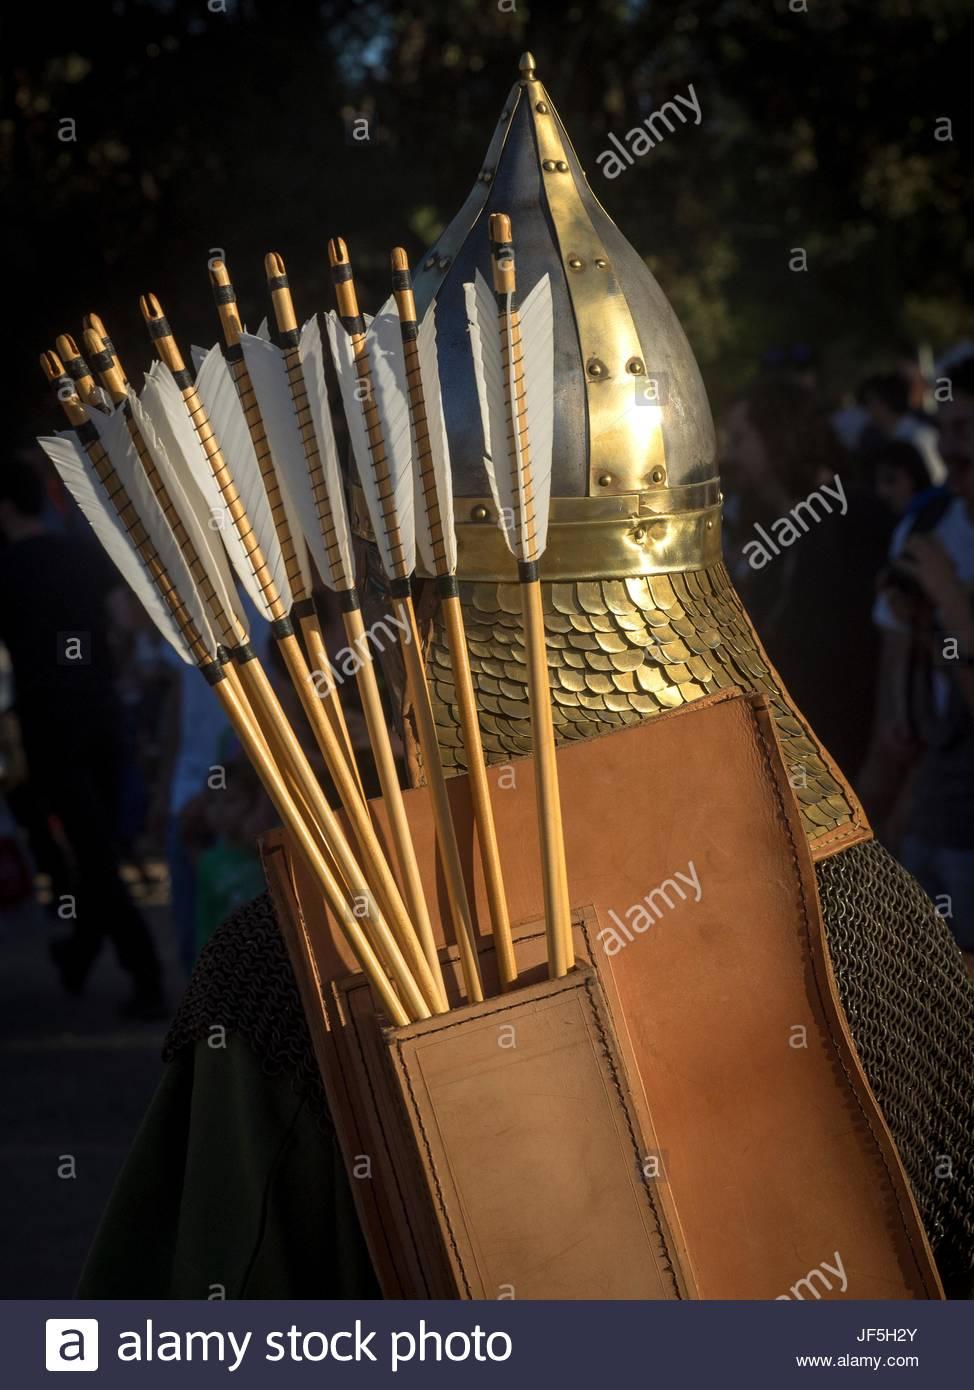 Un actor vistiendo trajes de romano en el festival romano de Tarragona. Imagen De Stock